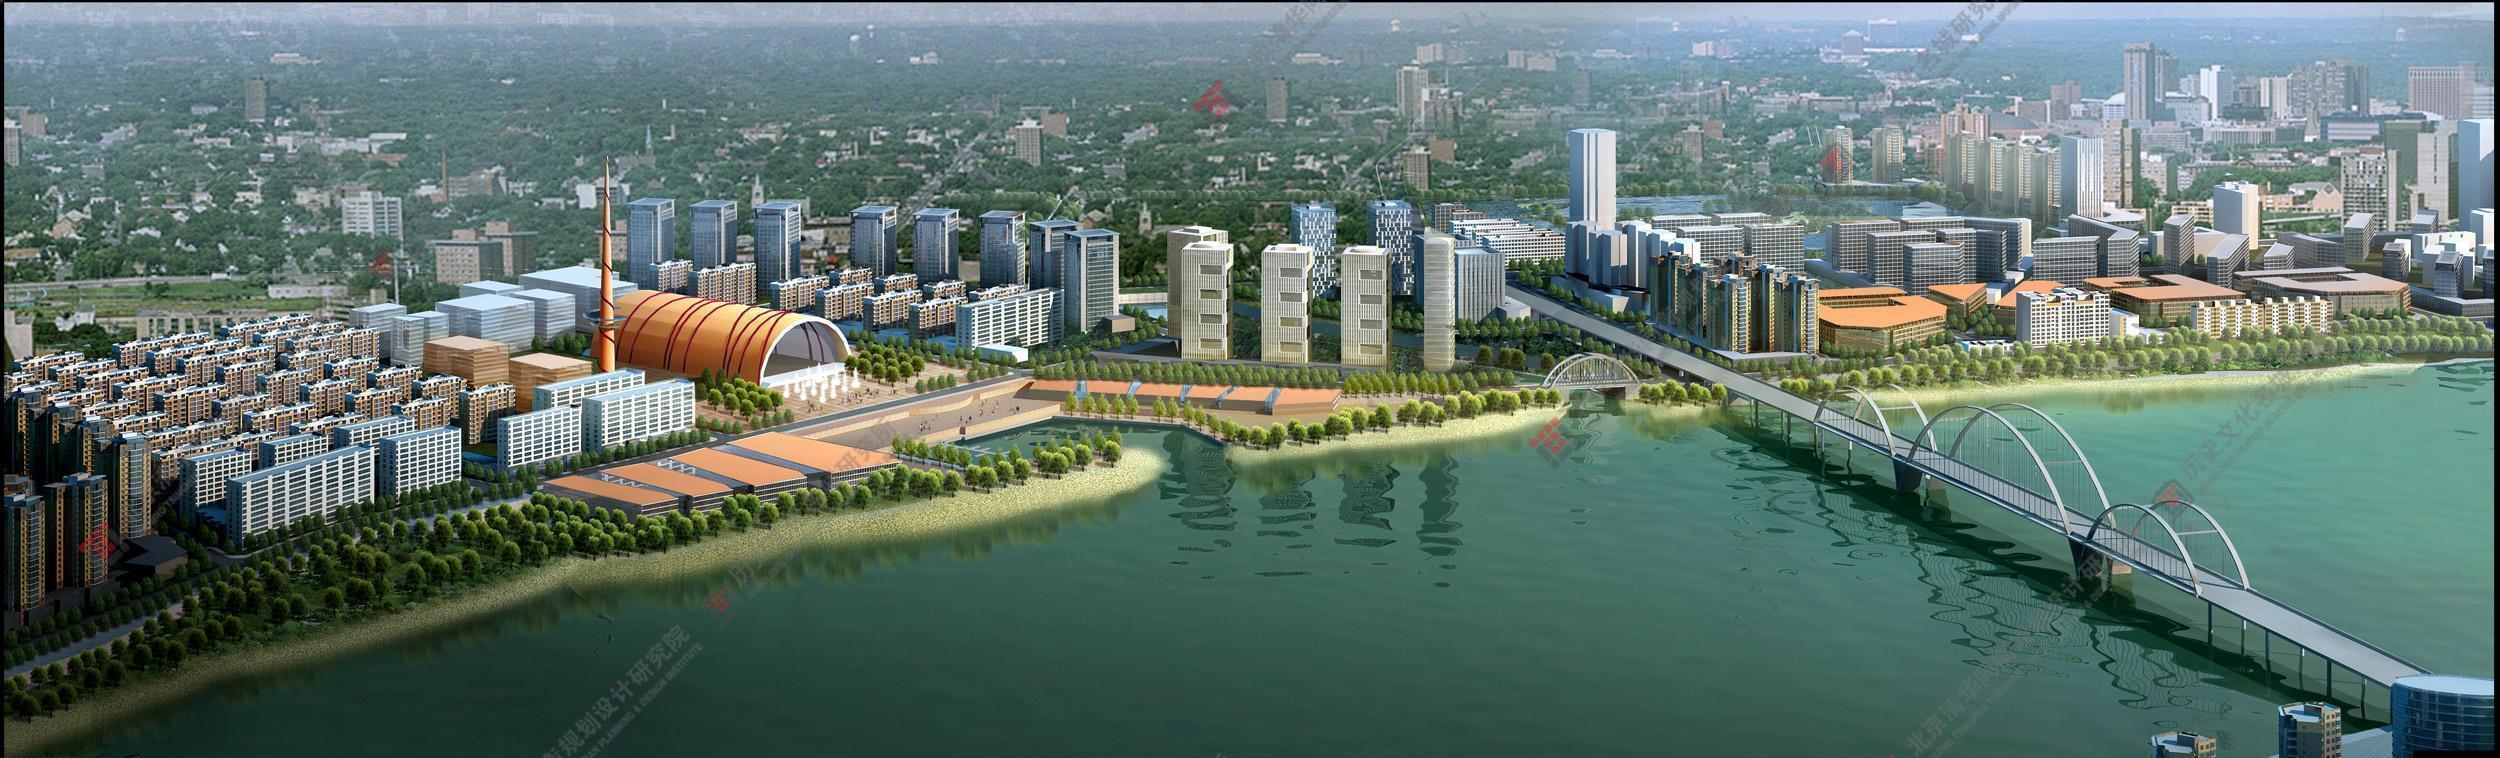 株洲湘江风光带景观规划设计(2010年湖南省优秀规划设计一等奖)